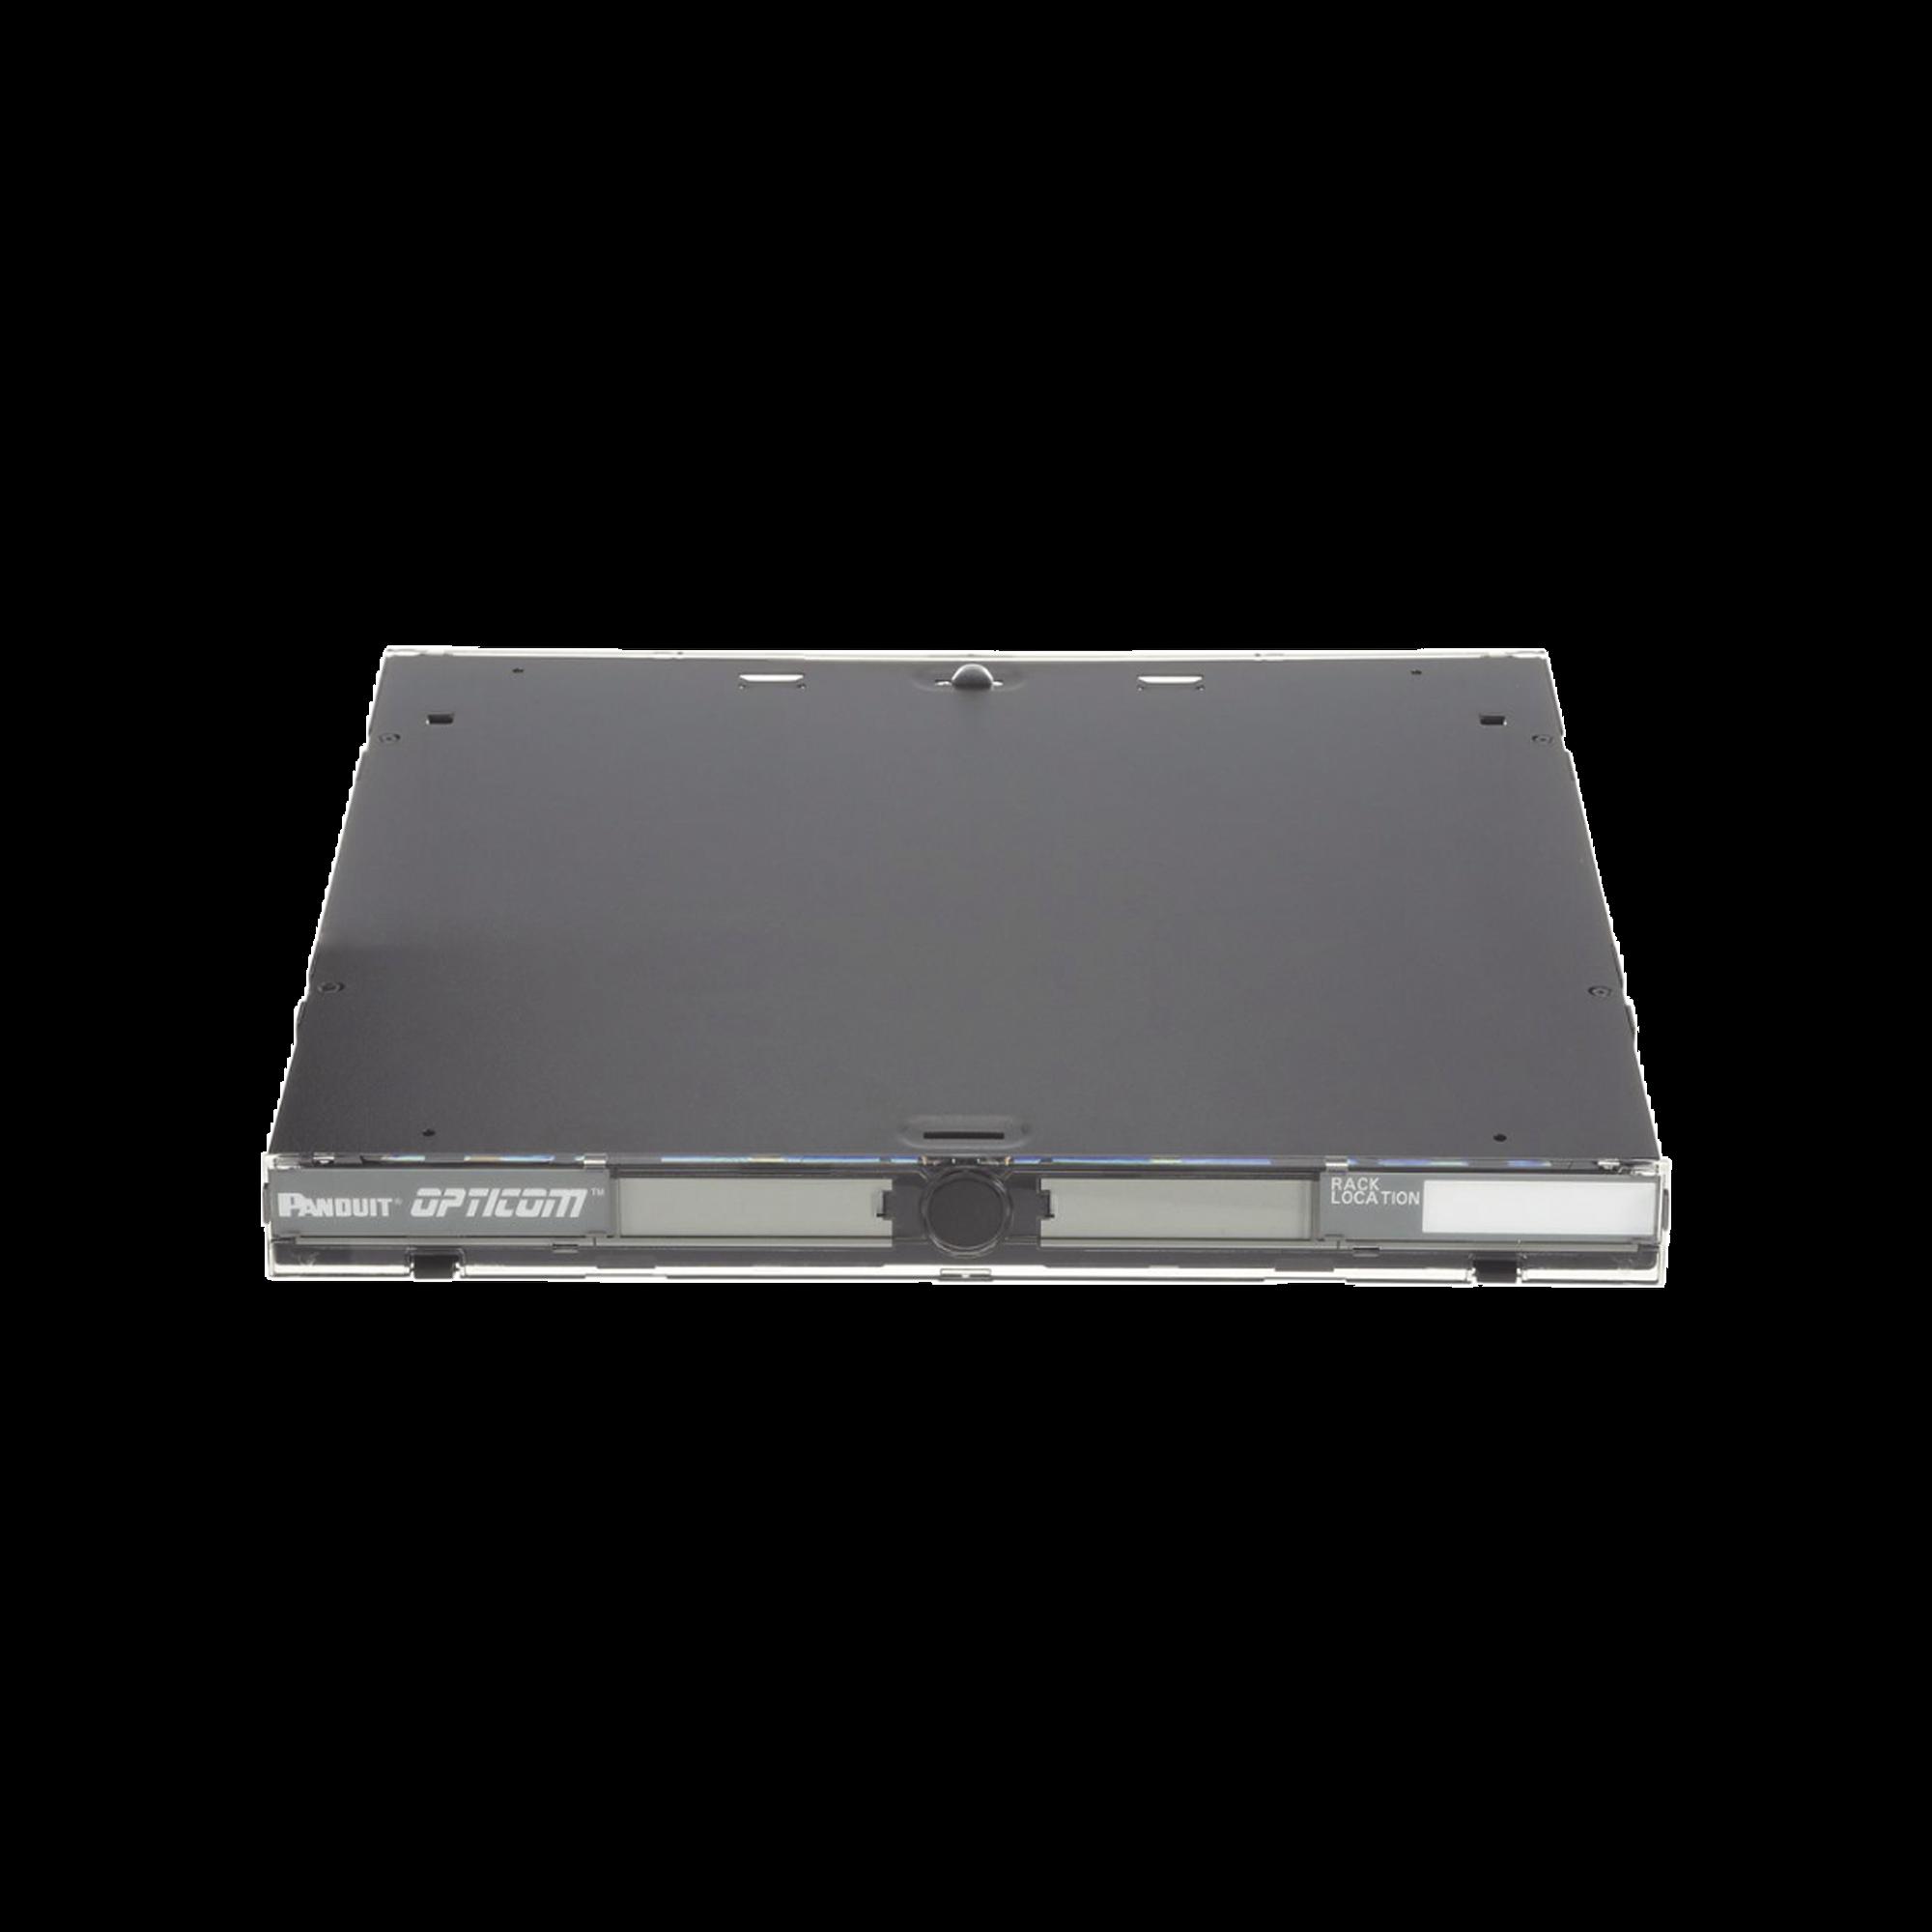 Panel de Distribución de Fibra óptica, Acepta 3 Placas FAP o FMP, Bandeja Deslizable, Hasta 72 Fibras, Color Negro, 1UR